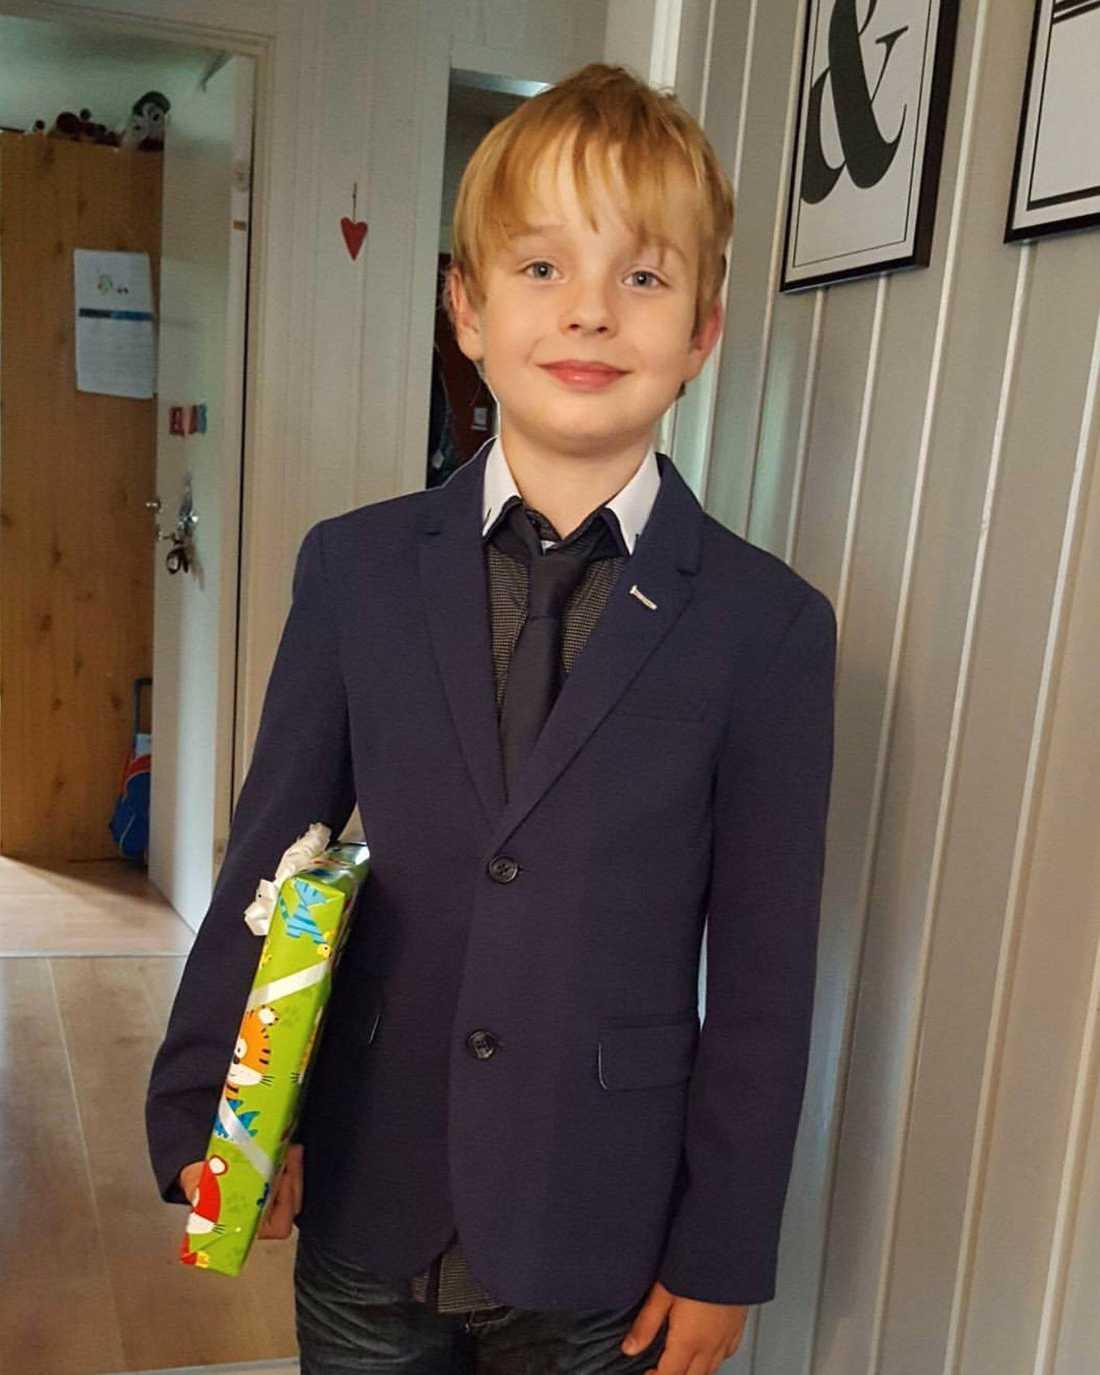 Tioårige Elias gillar att skådespela, sjunga och dansa.